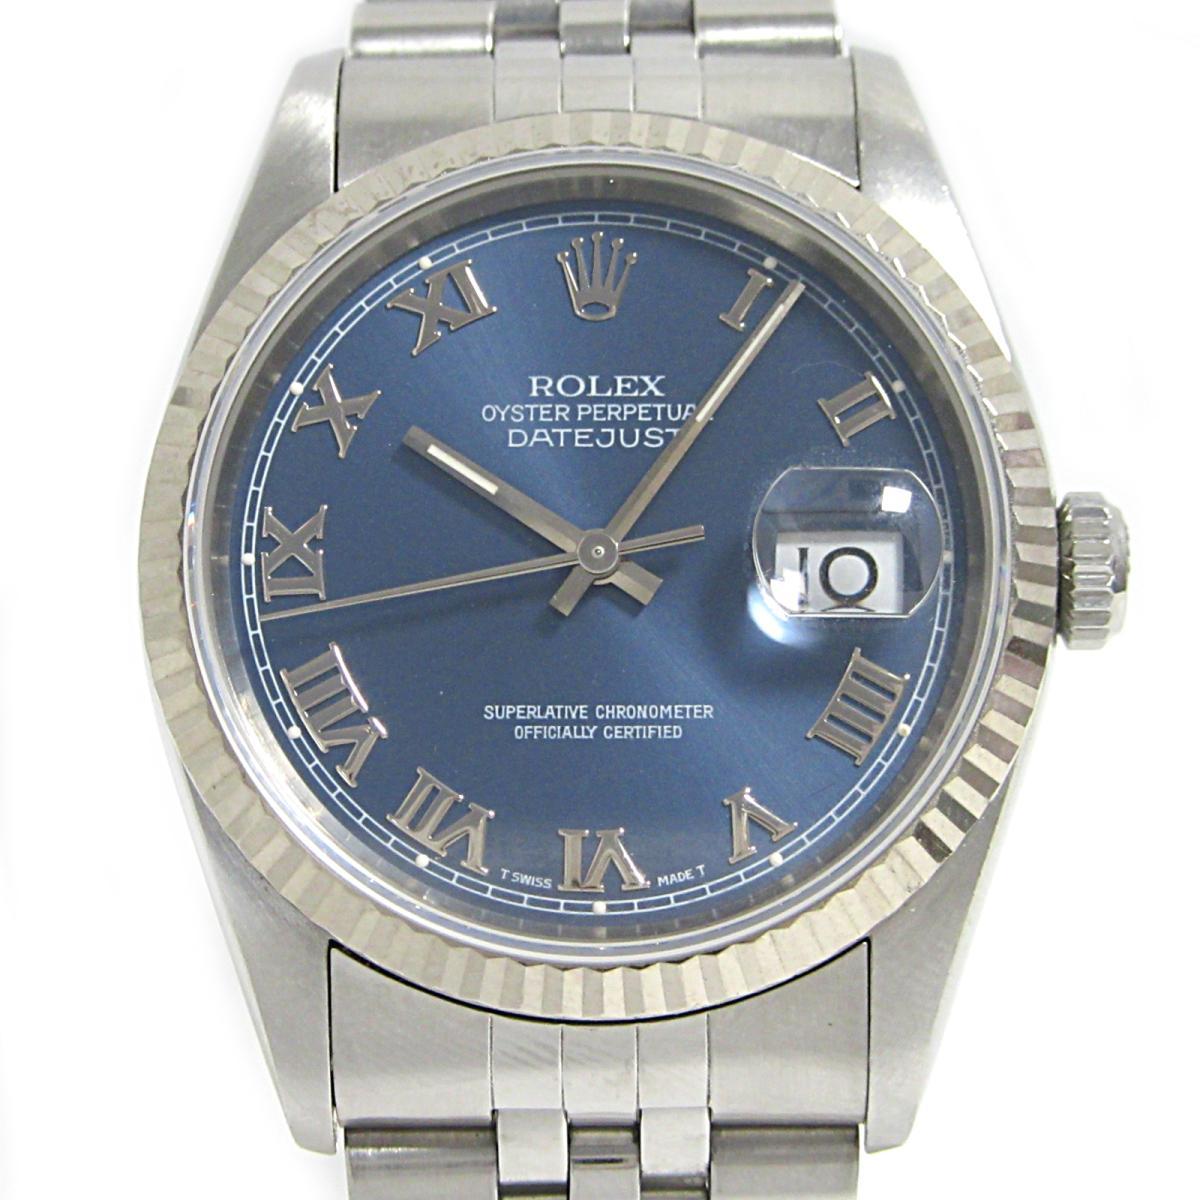 【中古】 ロレックス デイトジャスト 腕時計 ウォッチ メンズ ステンレススチール (SS) K18WG (750)ホワイトゴールド (16234) | ROLEX BRANDOFF ブランドオフ ブランド ブランド時計 ブランド腕時計 時計